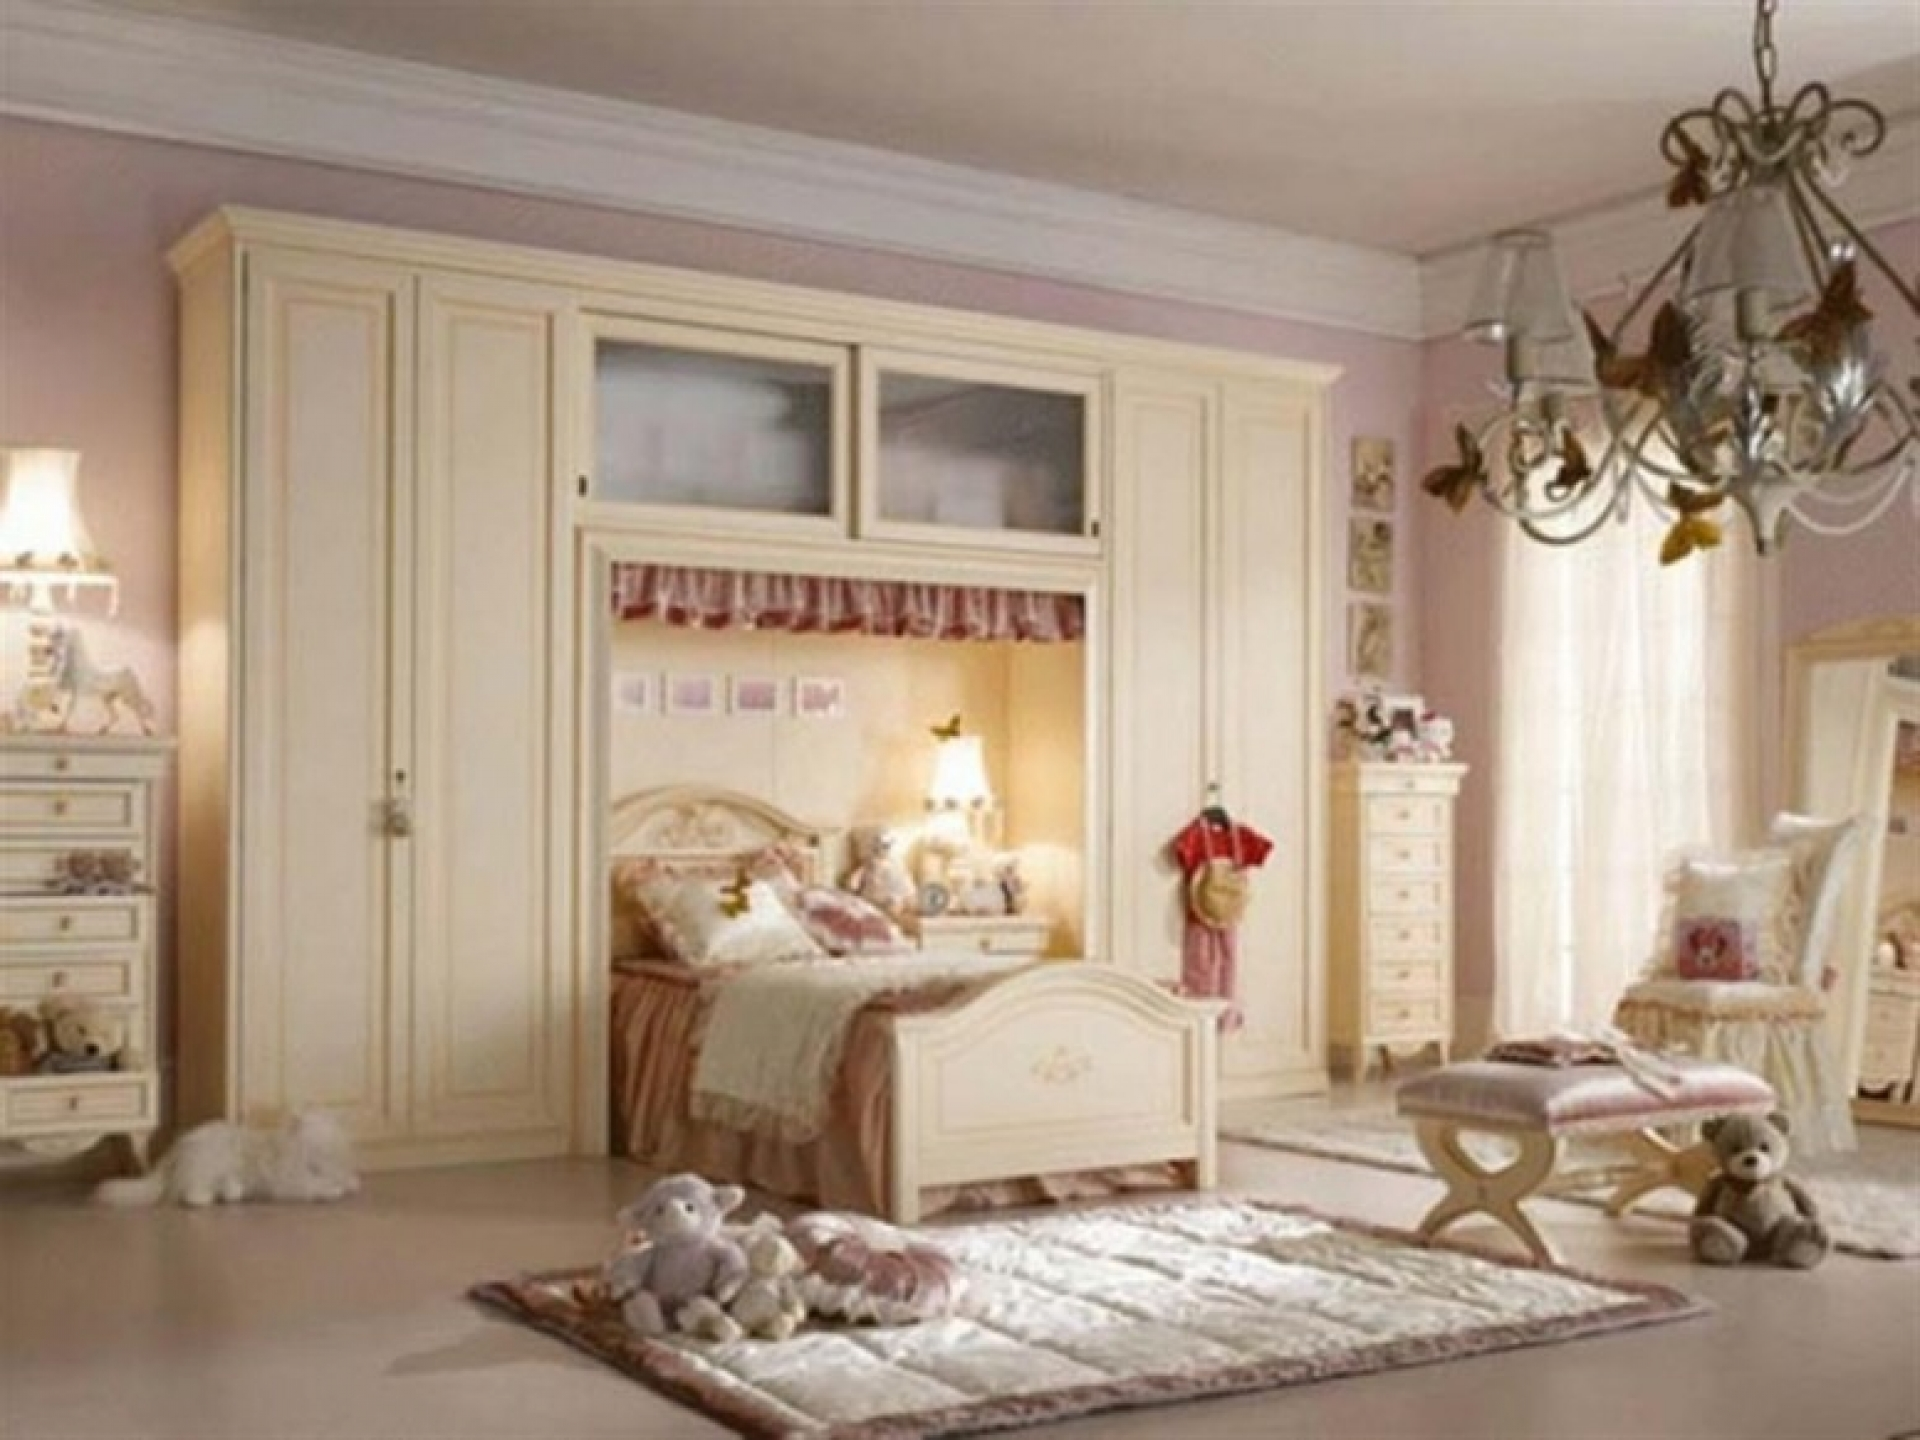 la chambre feng shui pour bb feng_shui_chambre fillette juvenile enfant fille